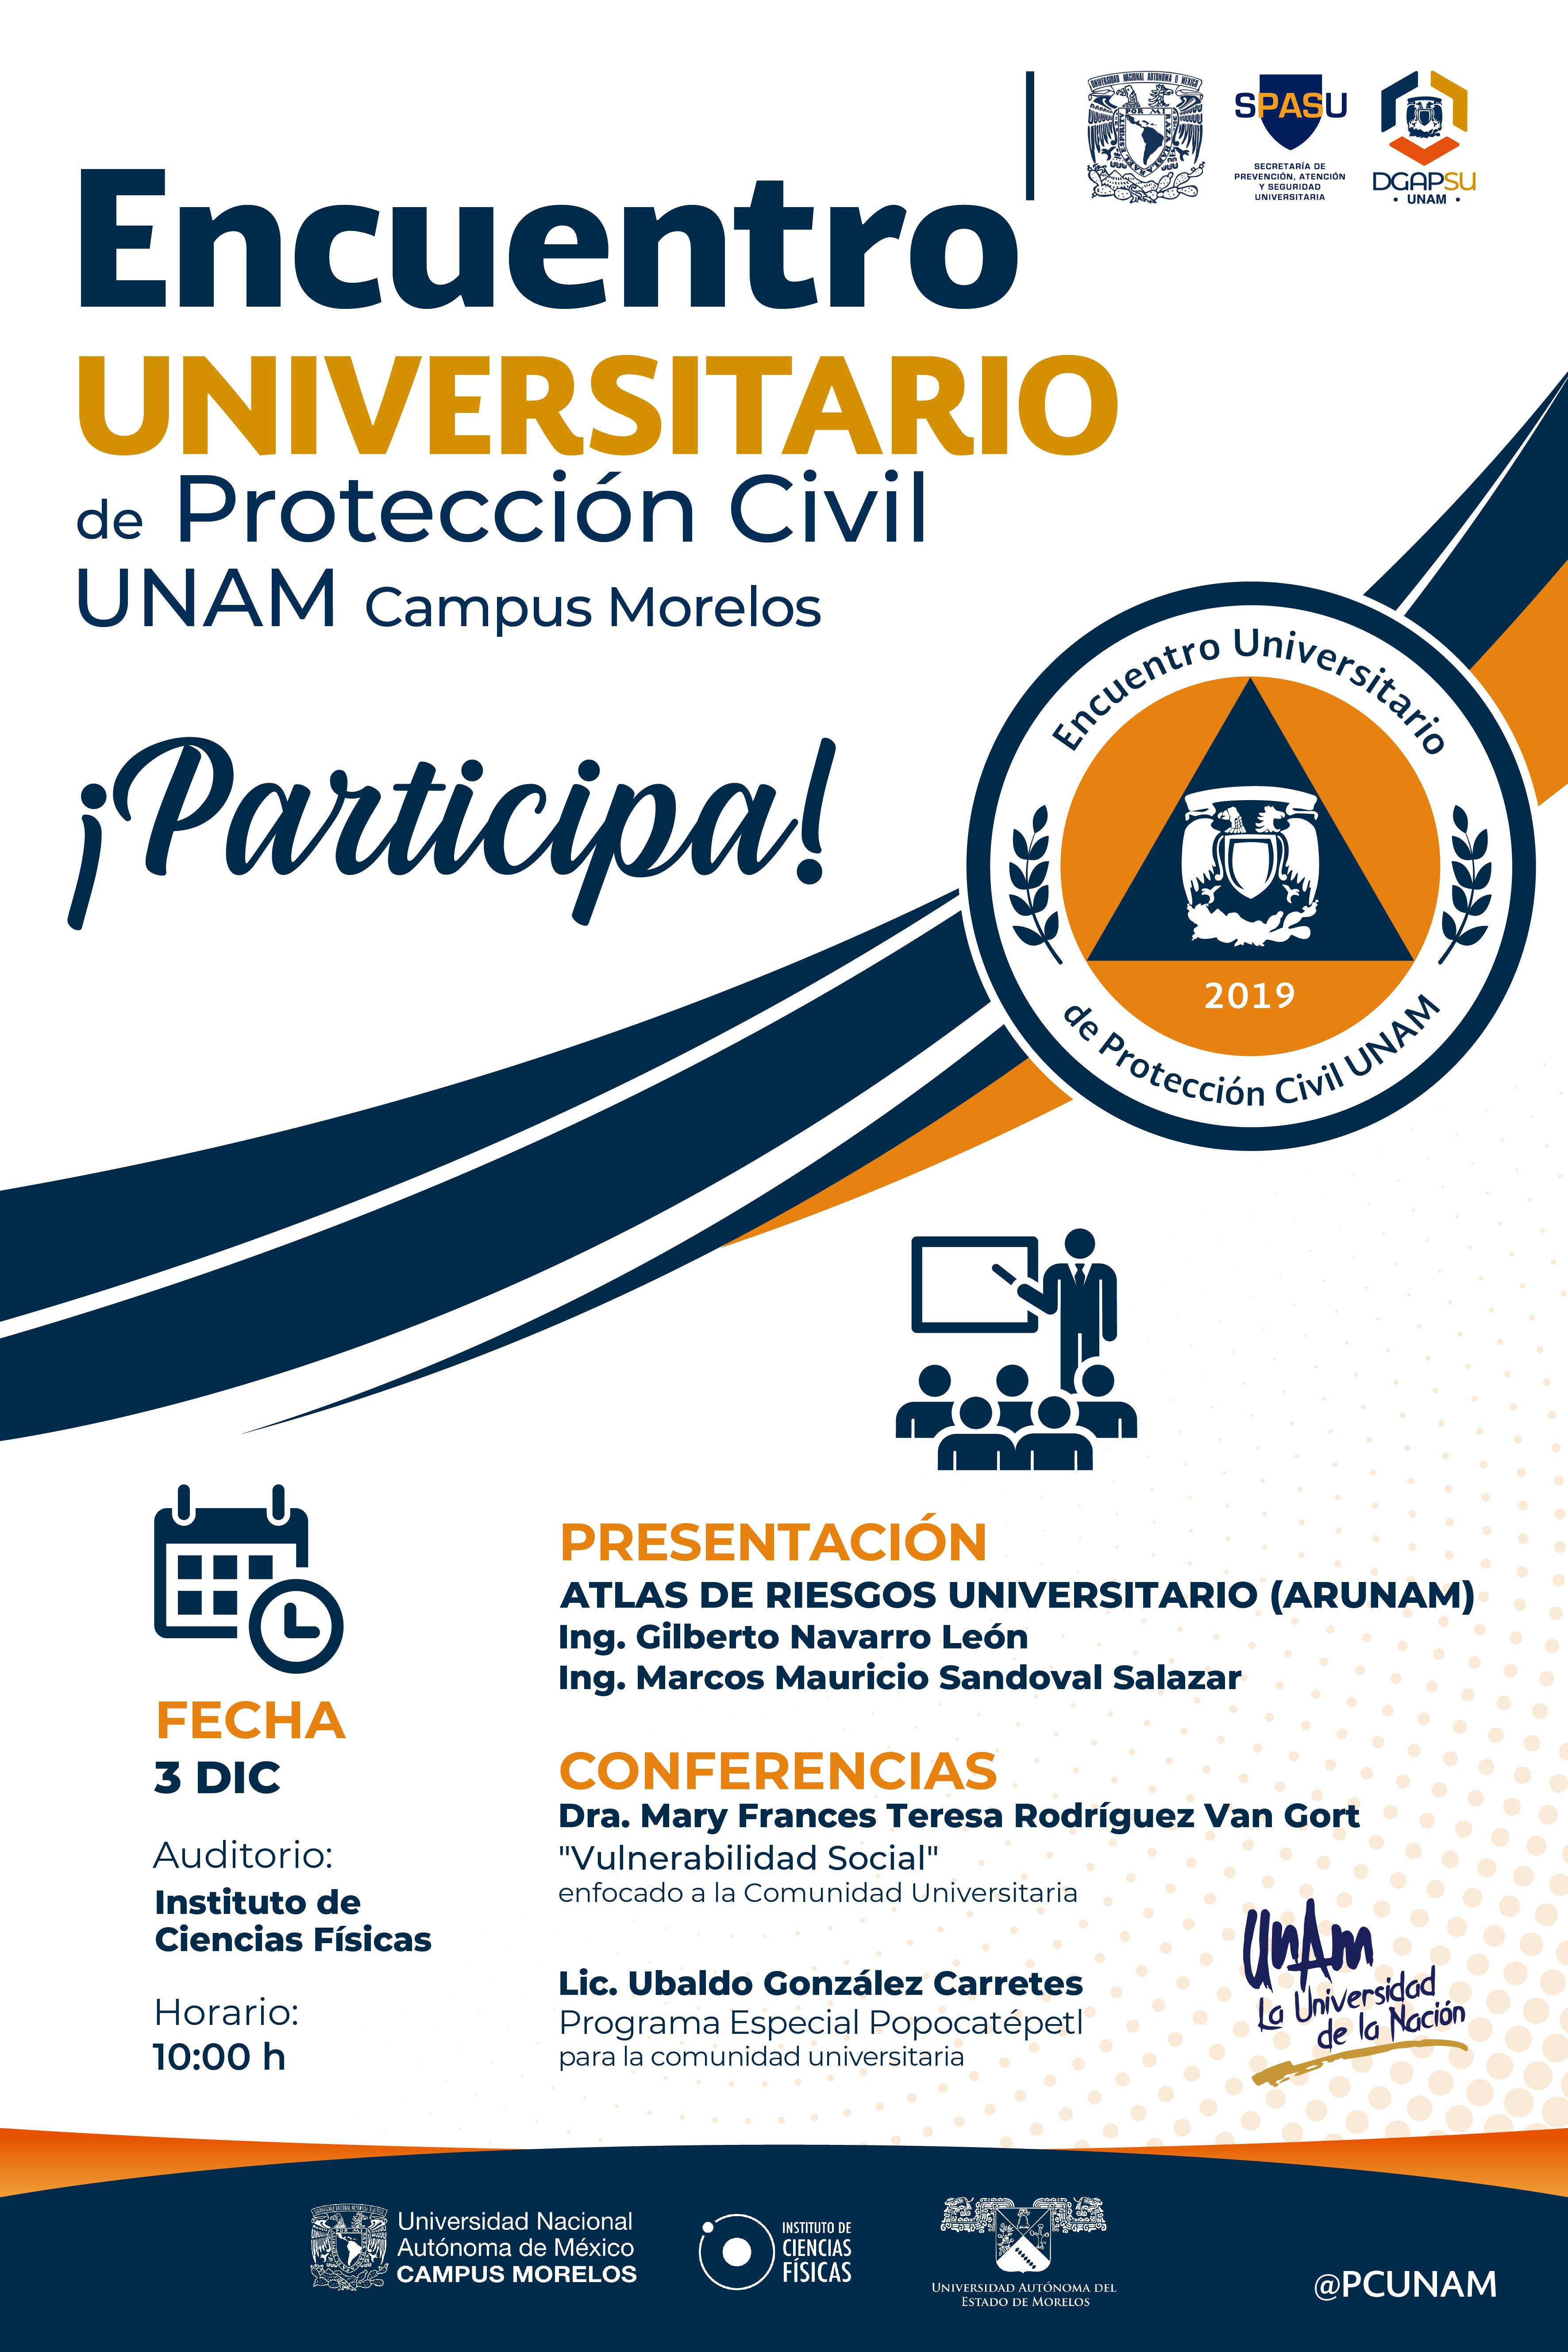 EncuentroUniversitario-Morelos_2019_2 (002)